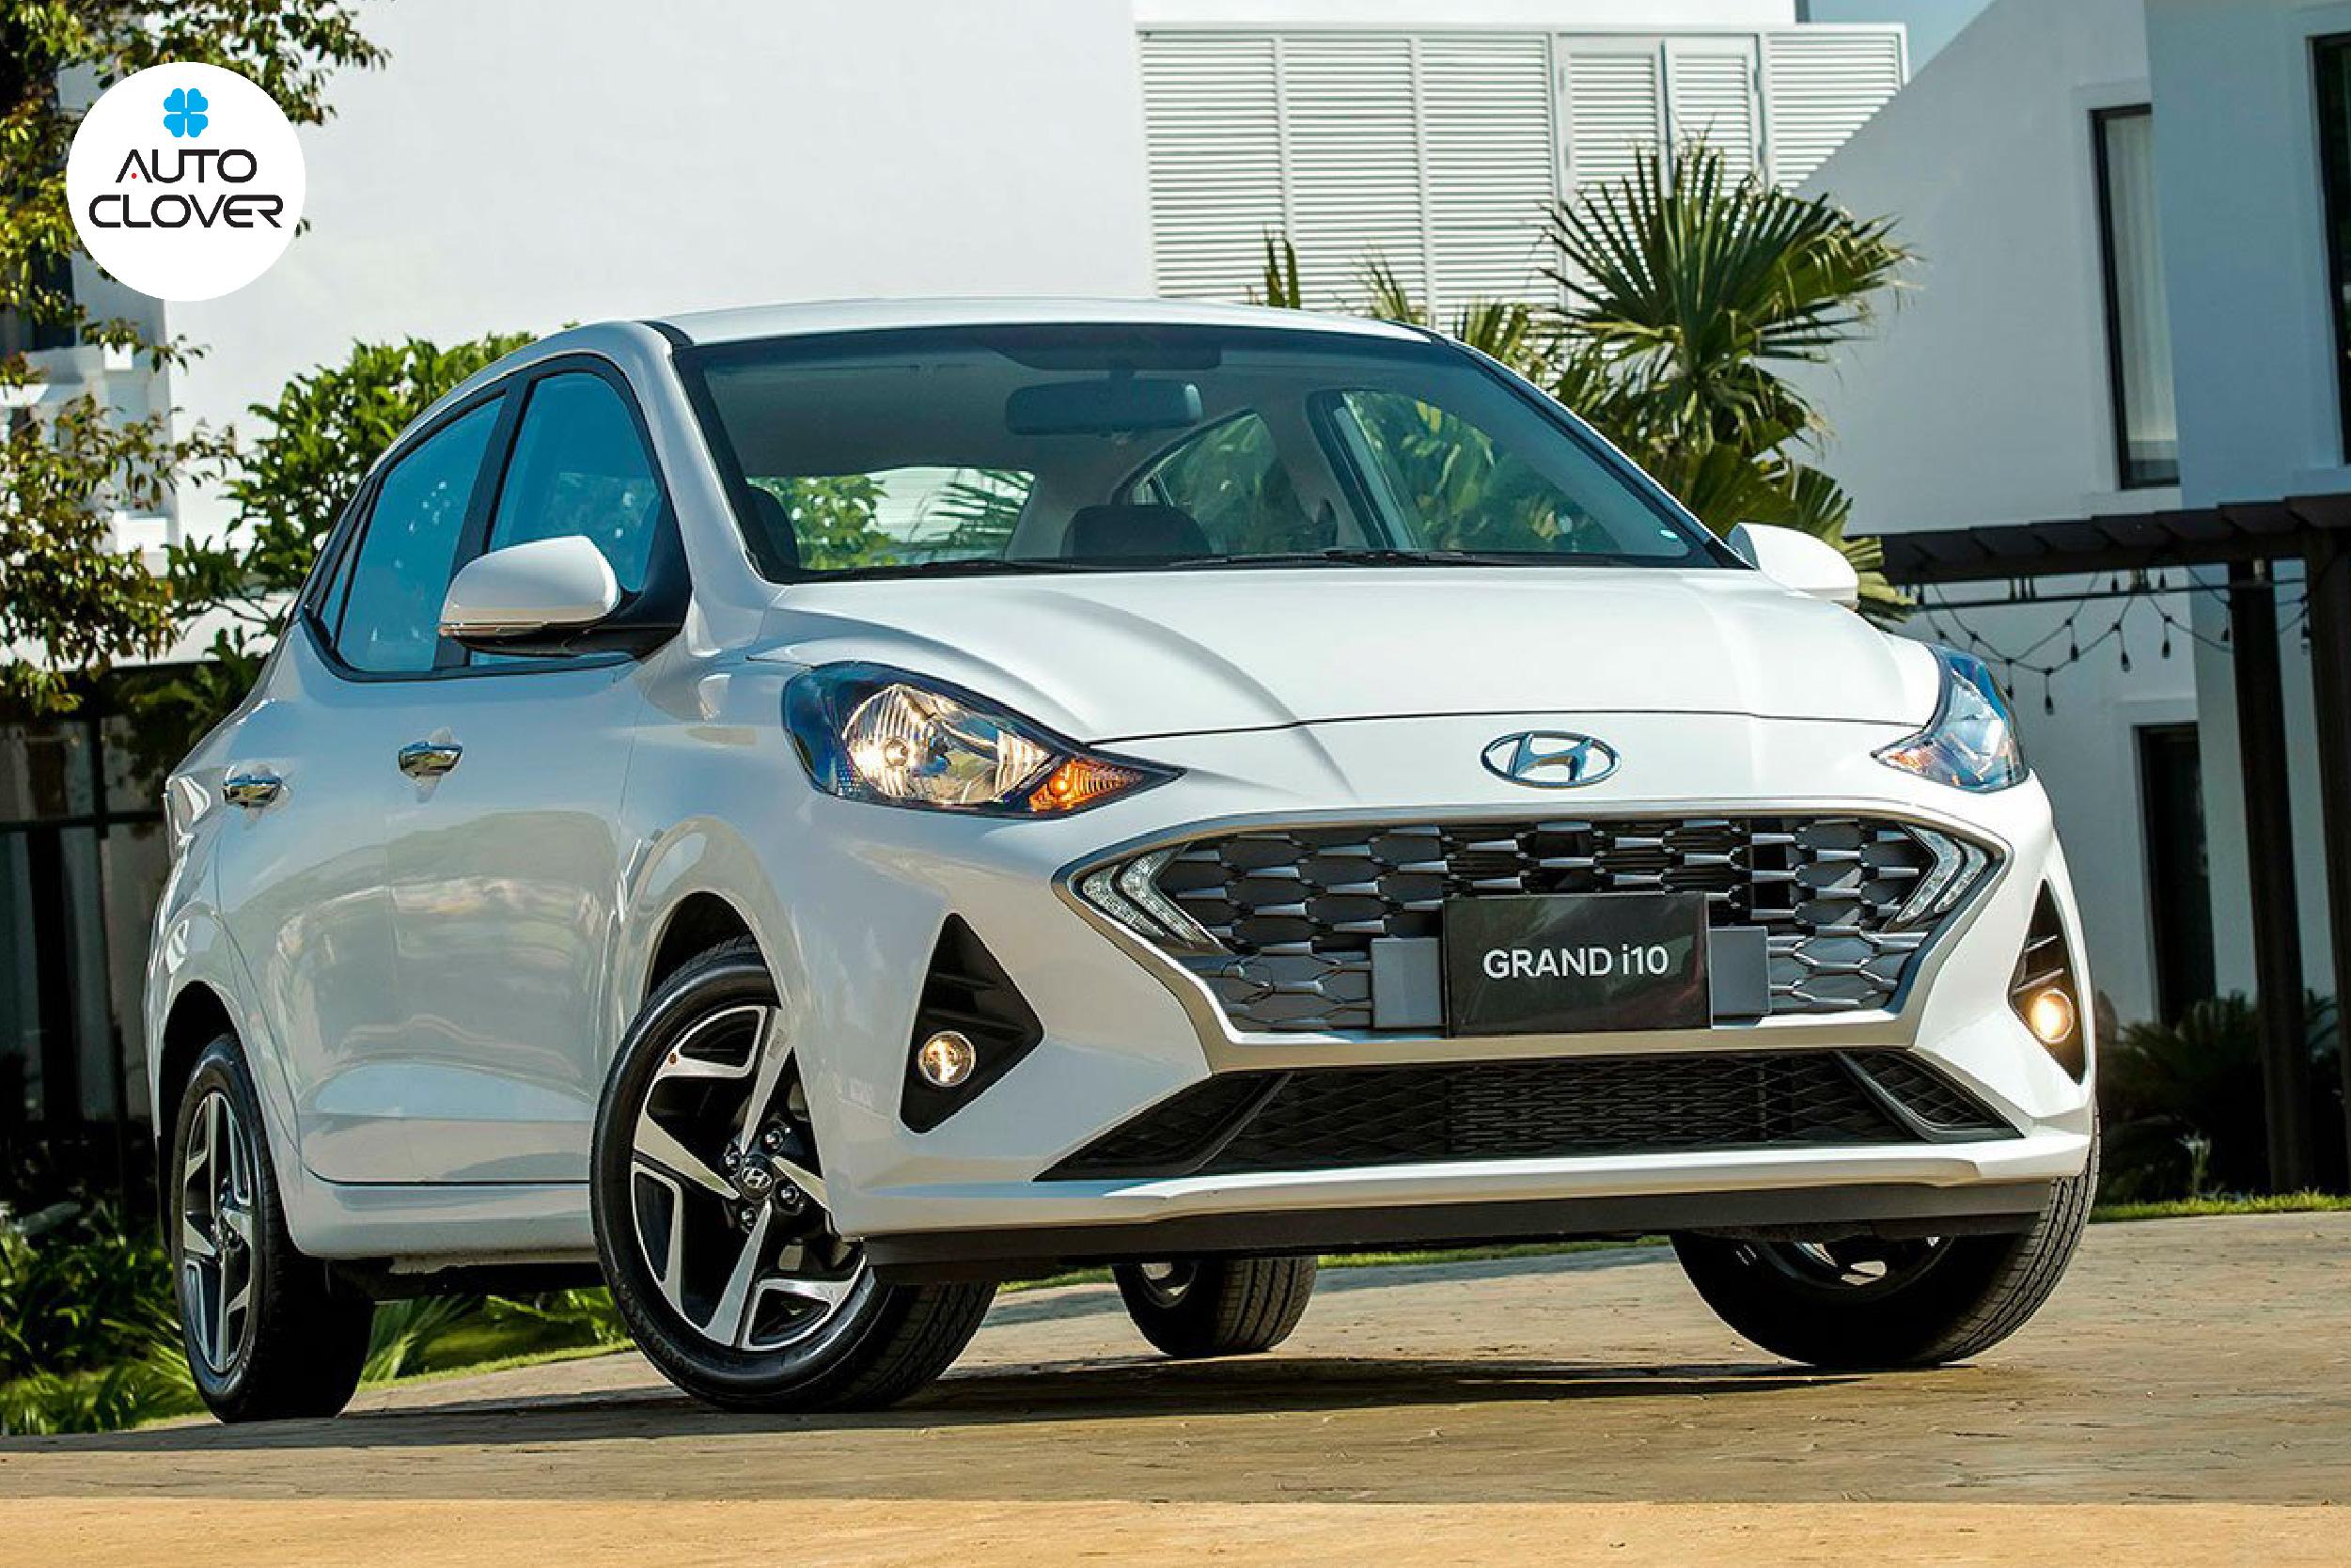 Giá thành hợp lý, nhiều tính năng hiện đại xe ô tô i10 sẽ là sản phẩm được nhiều người chơi xe hơi quan tâm